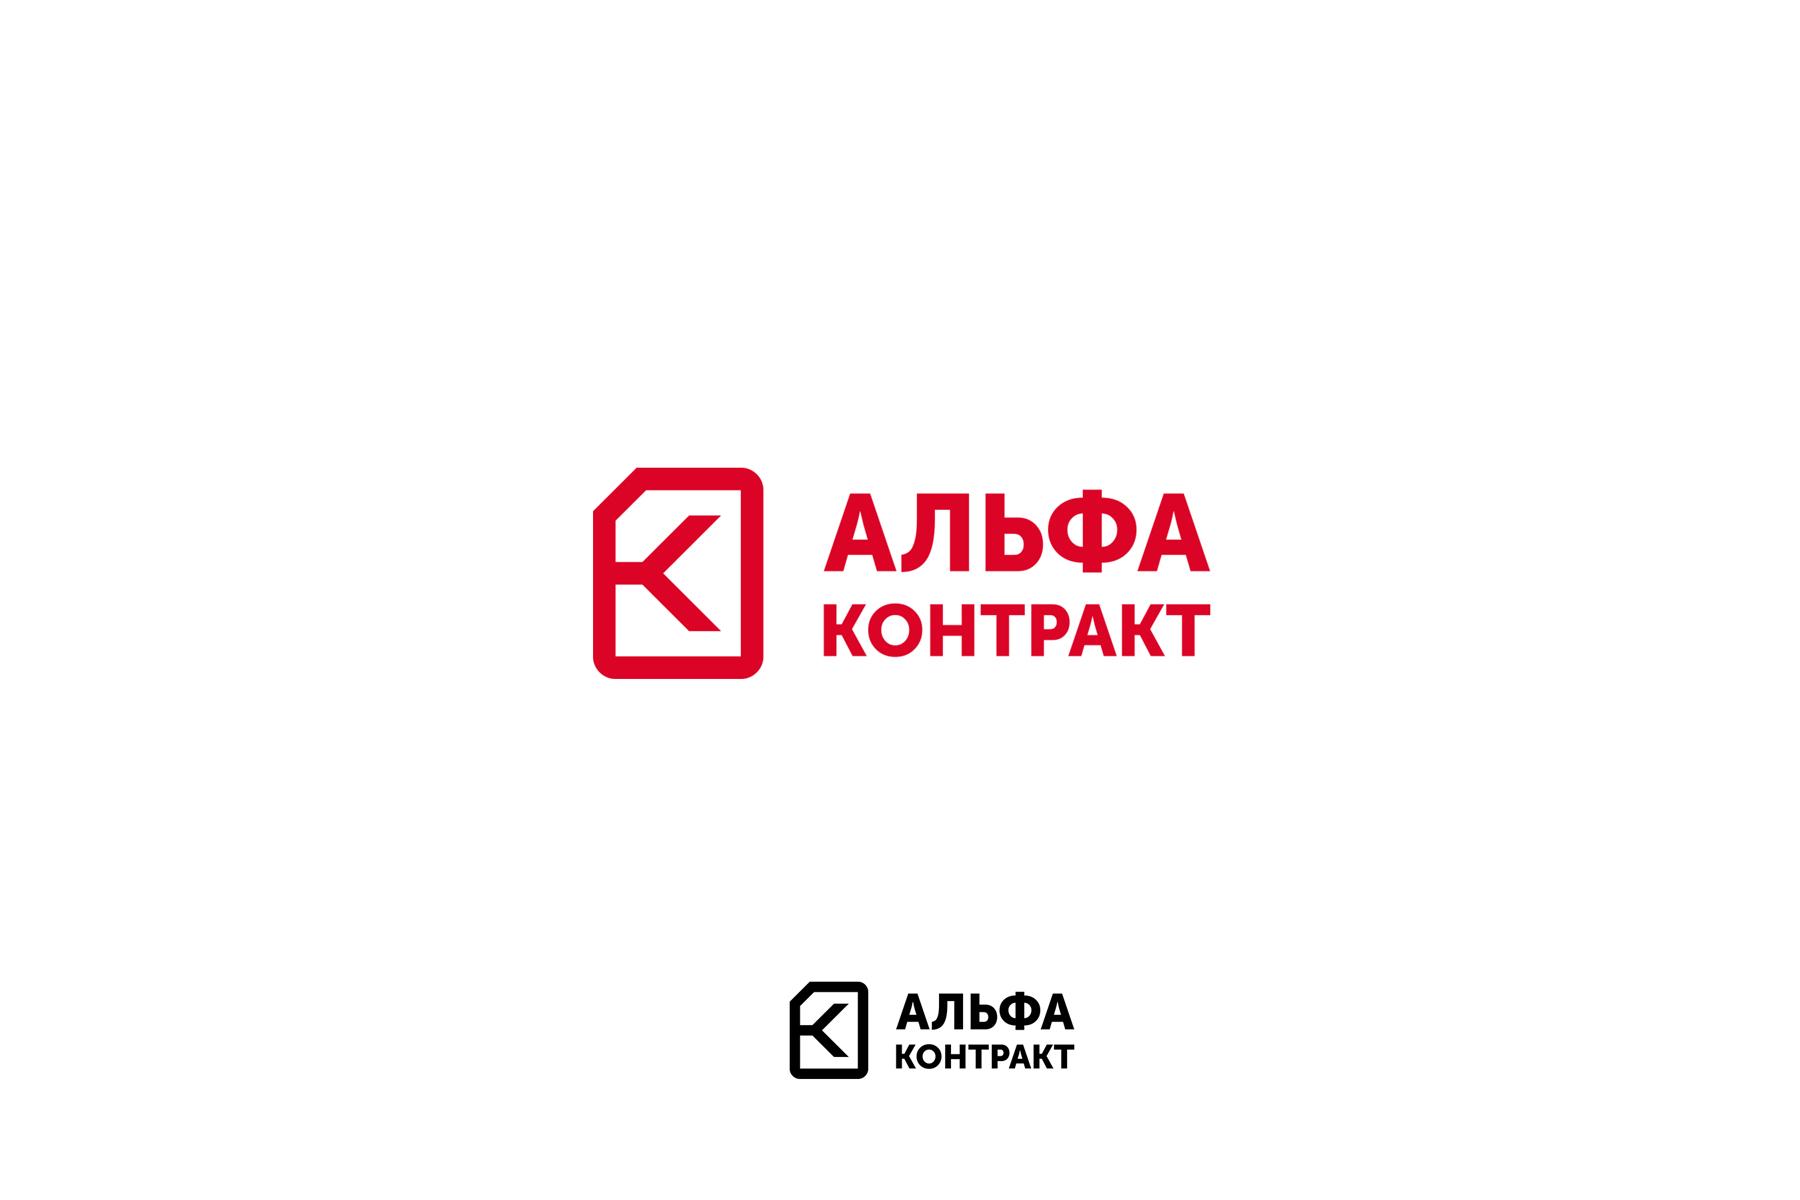 Дизайнер для разработки логотипа компании фото f_8455bfe1d93c8c24.jpg